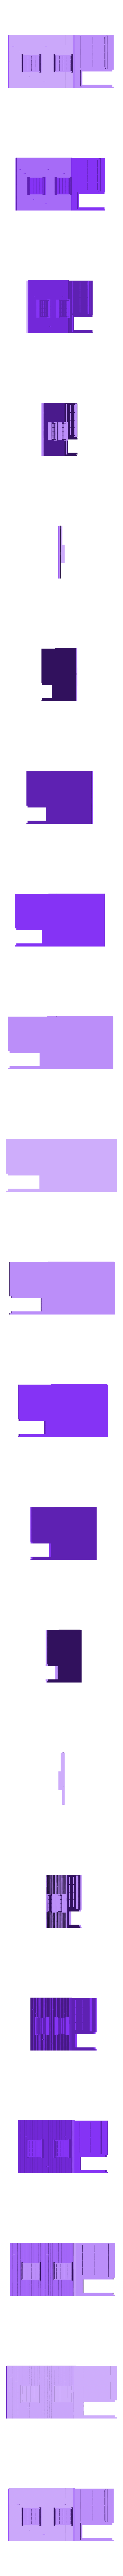 smithfront1.stl Télécharger fichier STL gratuit Ripper's London - Les boutiques Partie 1 - Smiths and Co • Plan pour impression 3D, Earsling